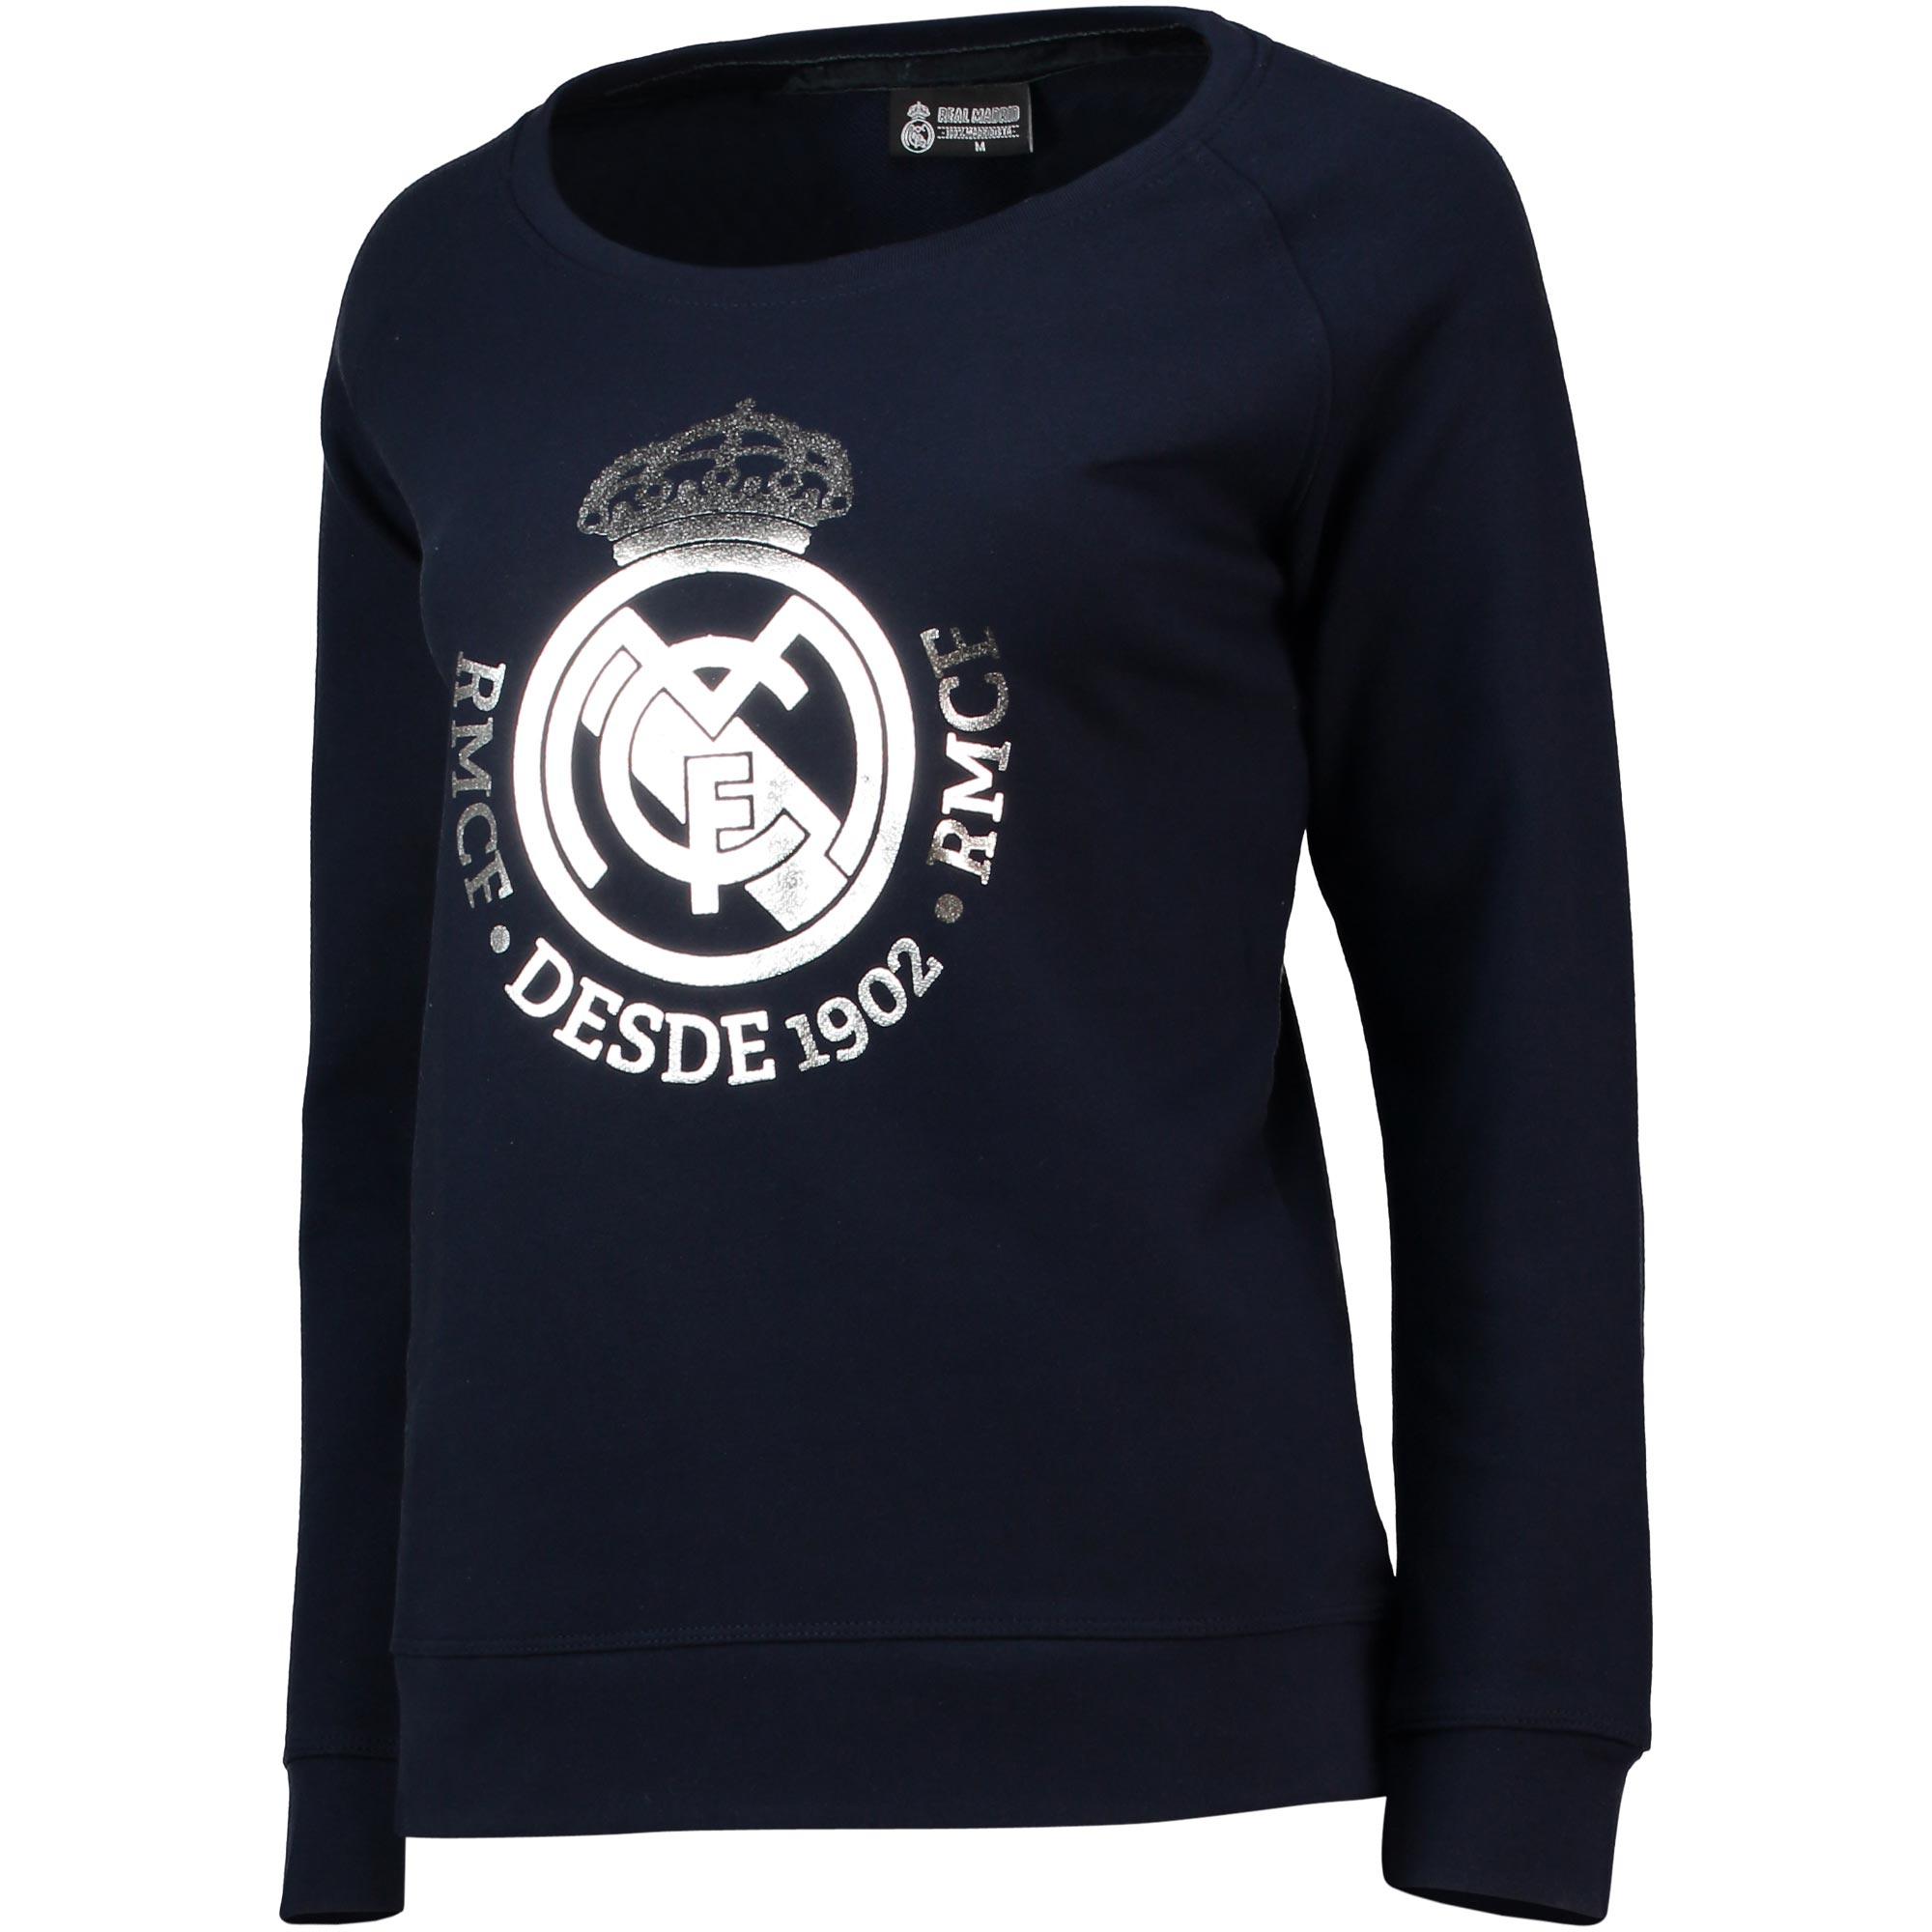 Sudadera del Real Madrid con escudo metálico en azul marino para mujer